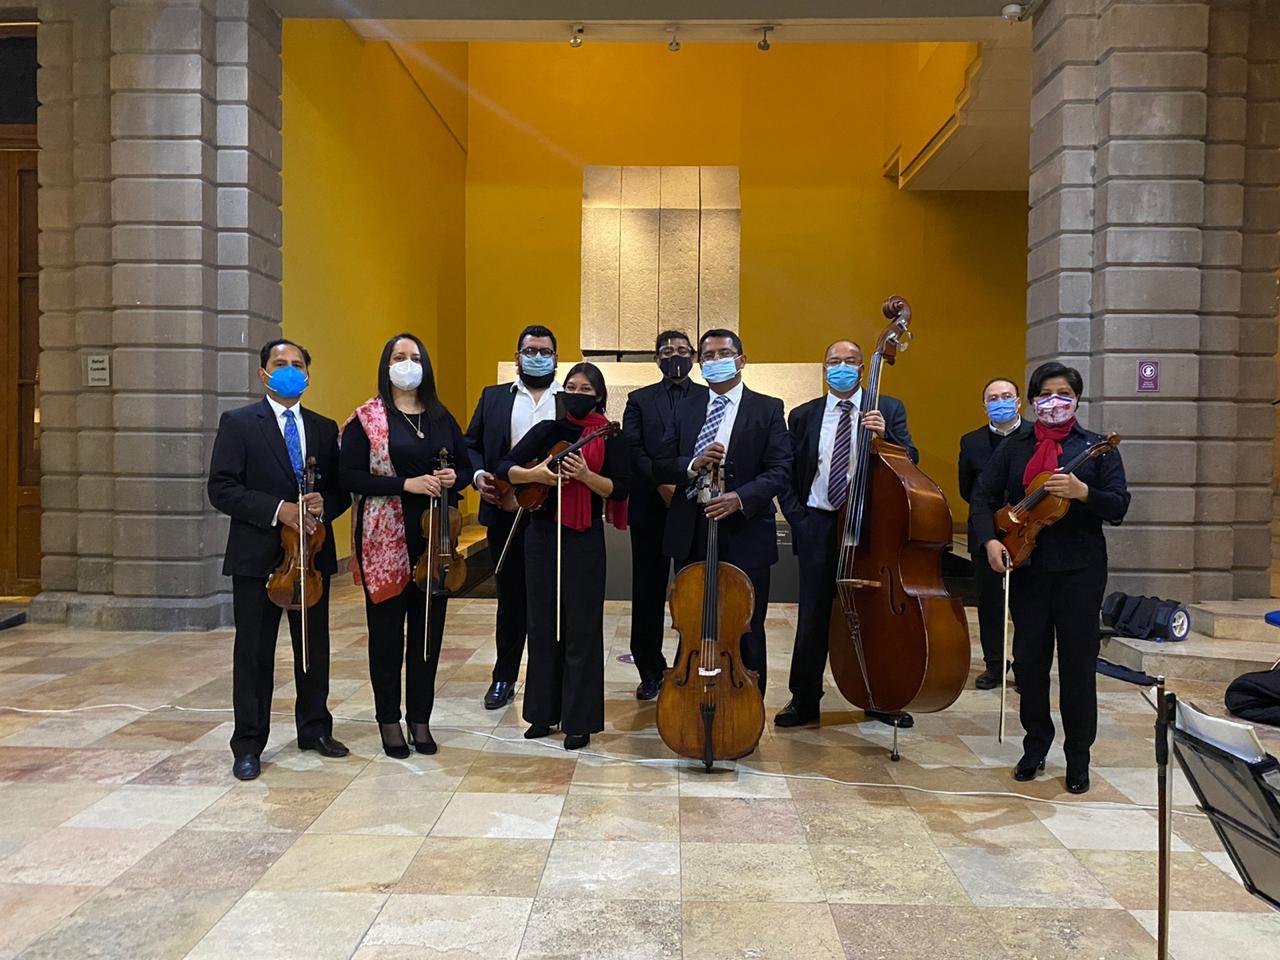 Obras conmemorativas del mes de septiembre, interpretadas por la Camerata de San Luis